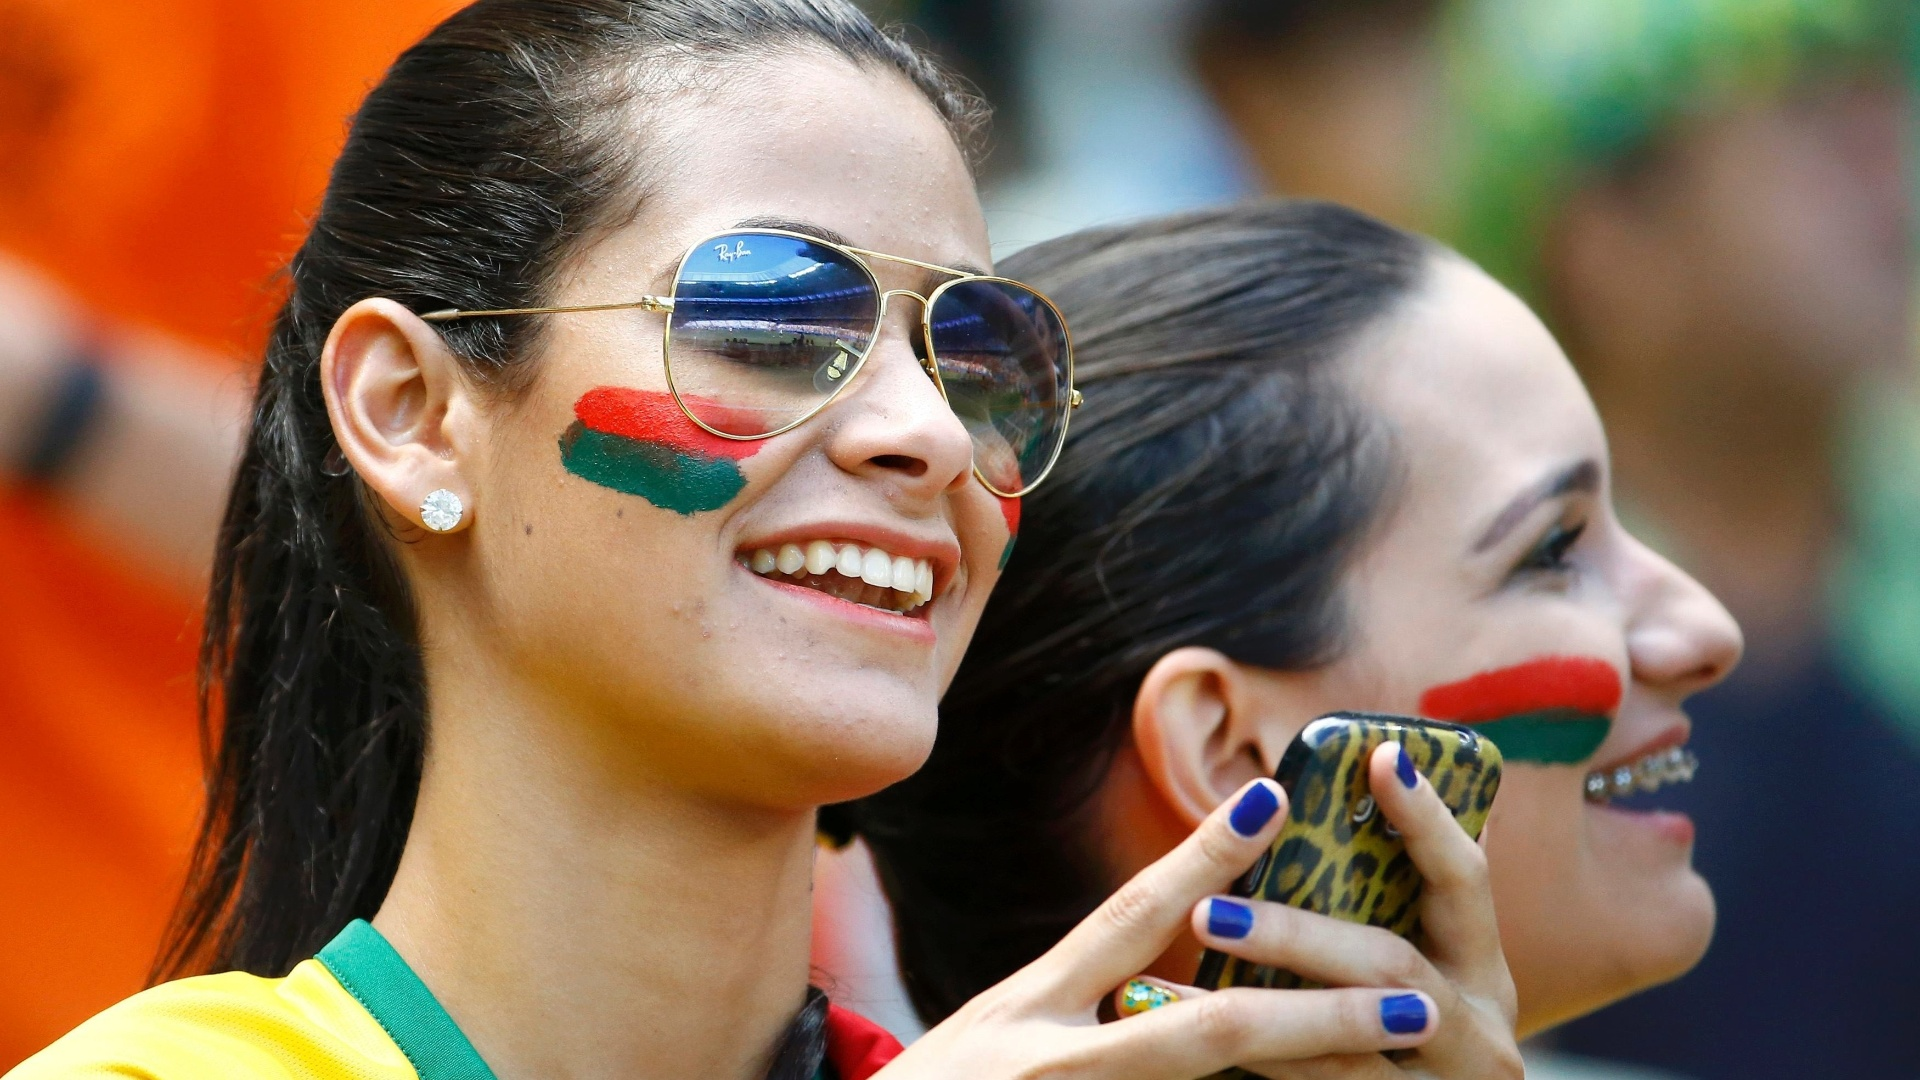 Brasileiras pintam o rosto com as cores do México para o jogo contra a Holanda no Castelão